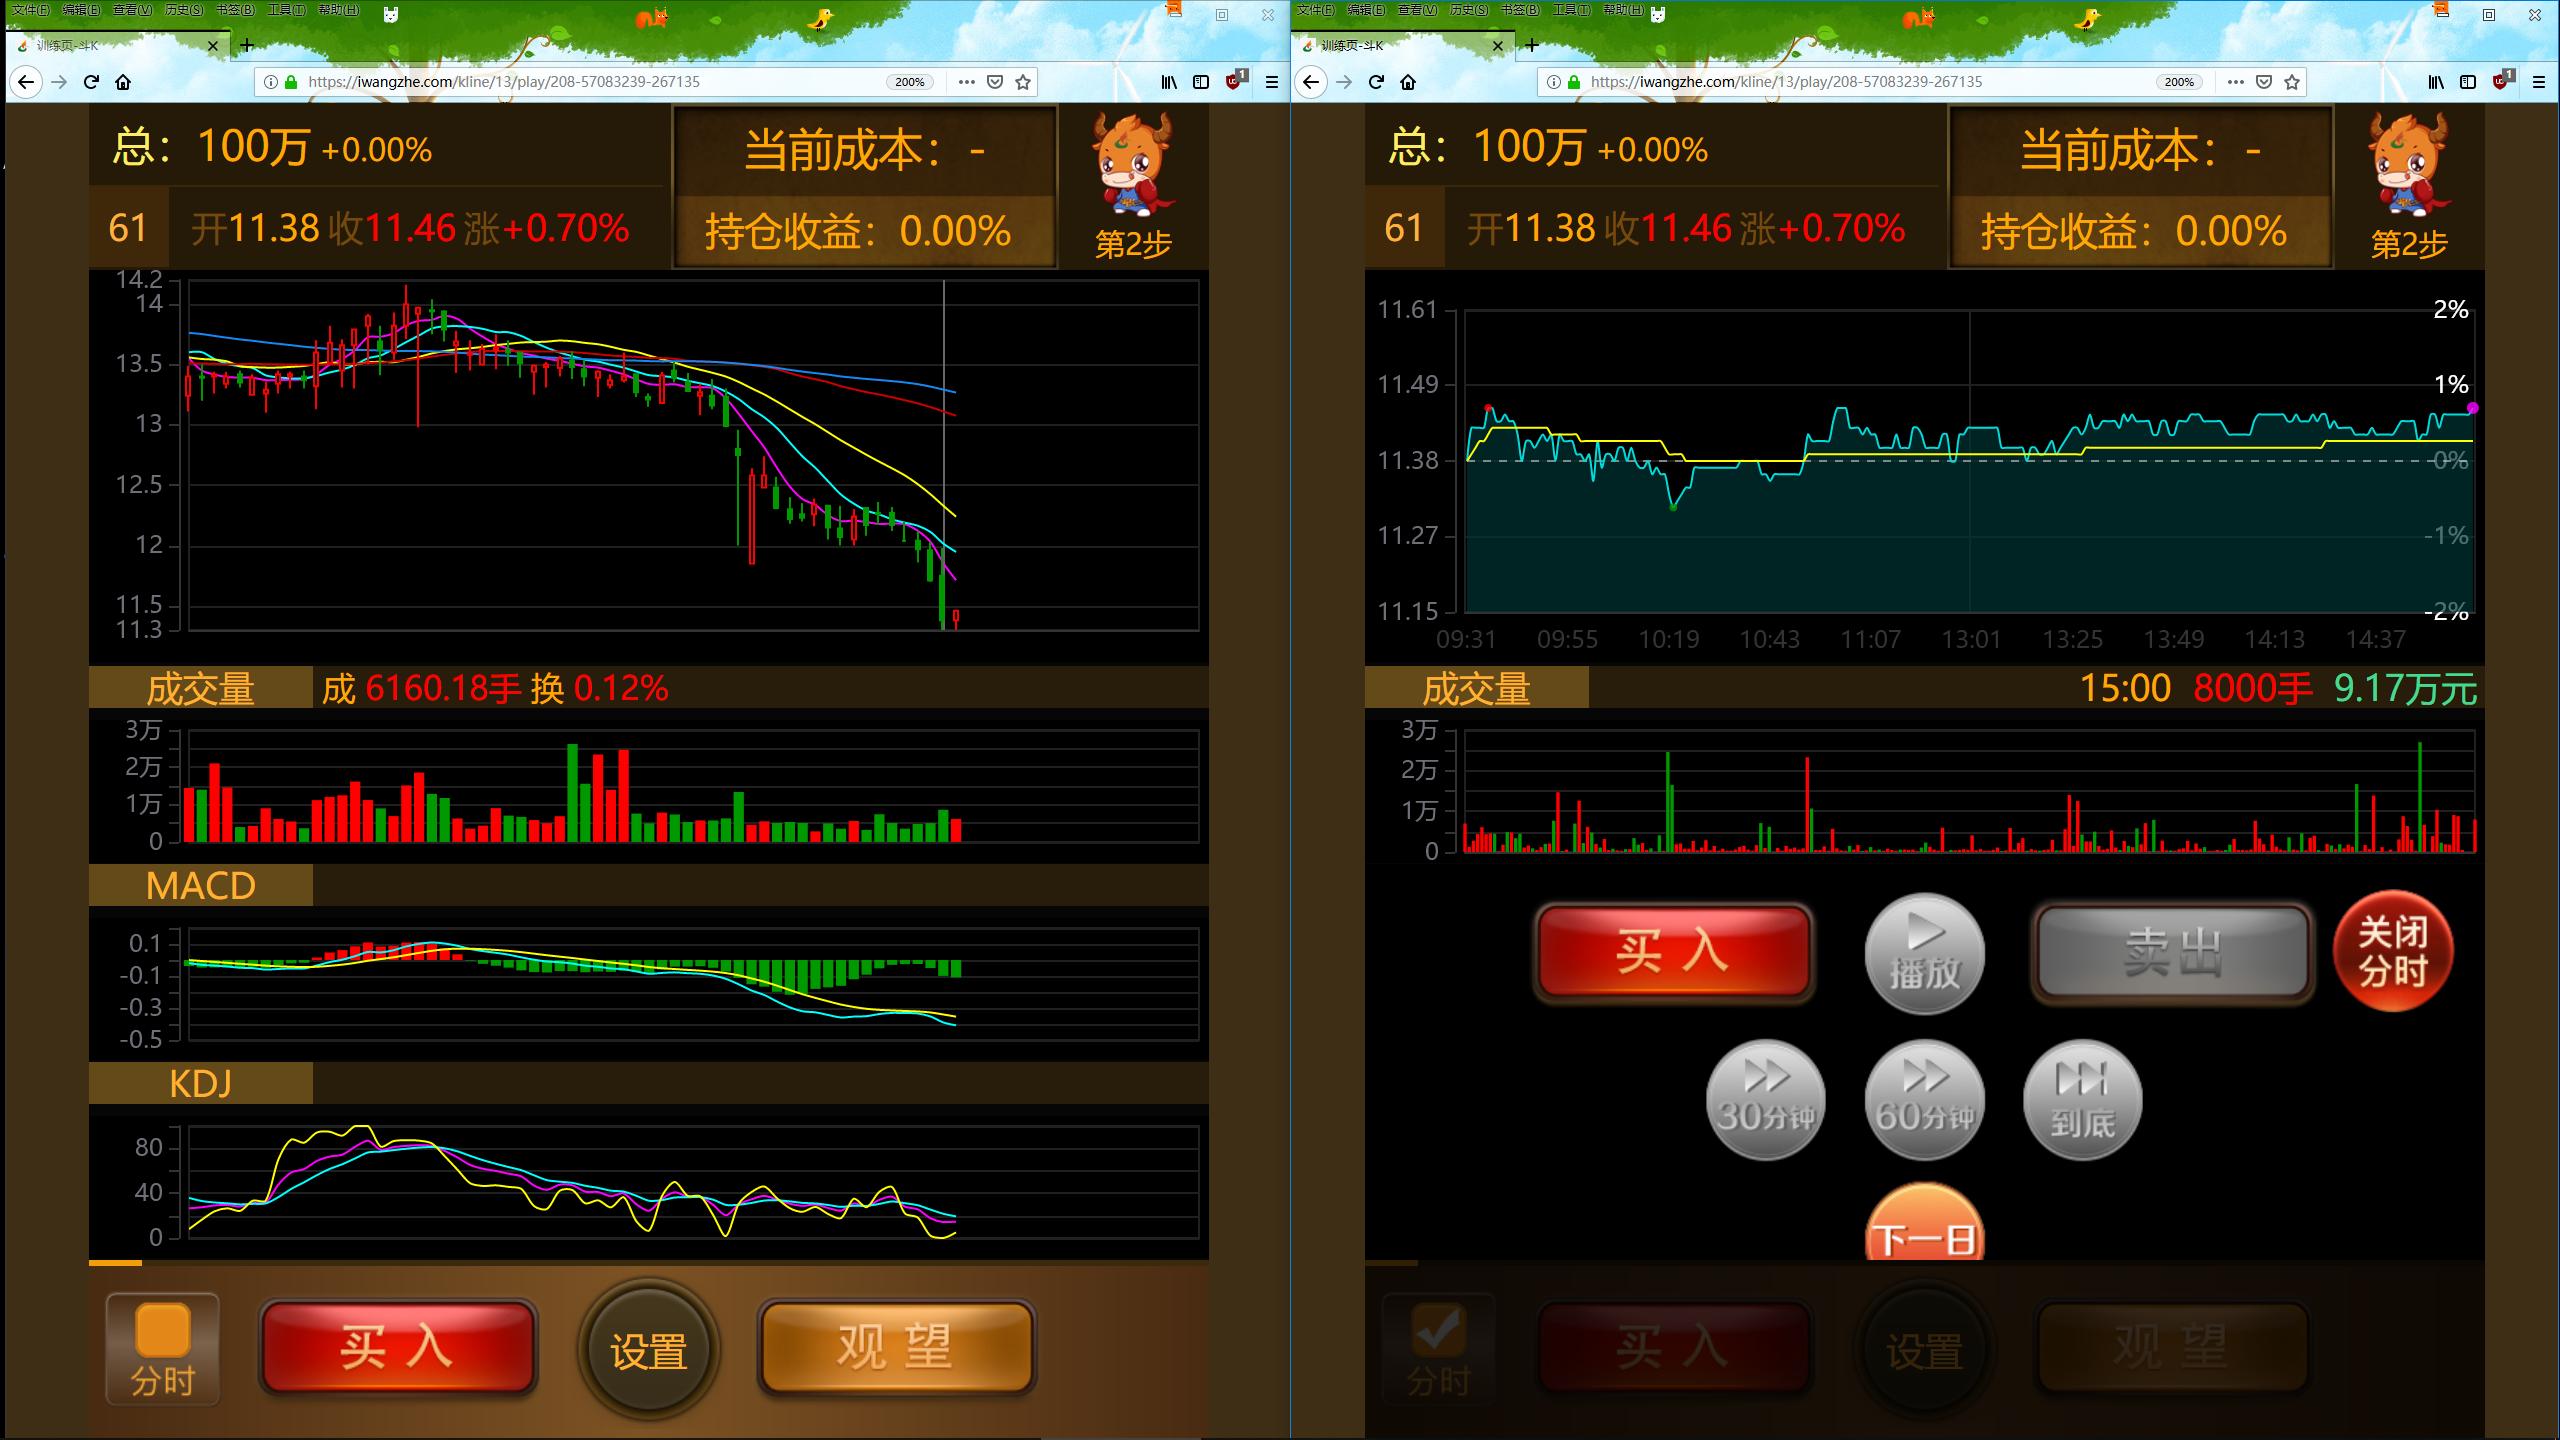 图4-左侧窗口刷新后K线图和右侧分时线同步.png